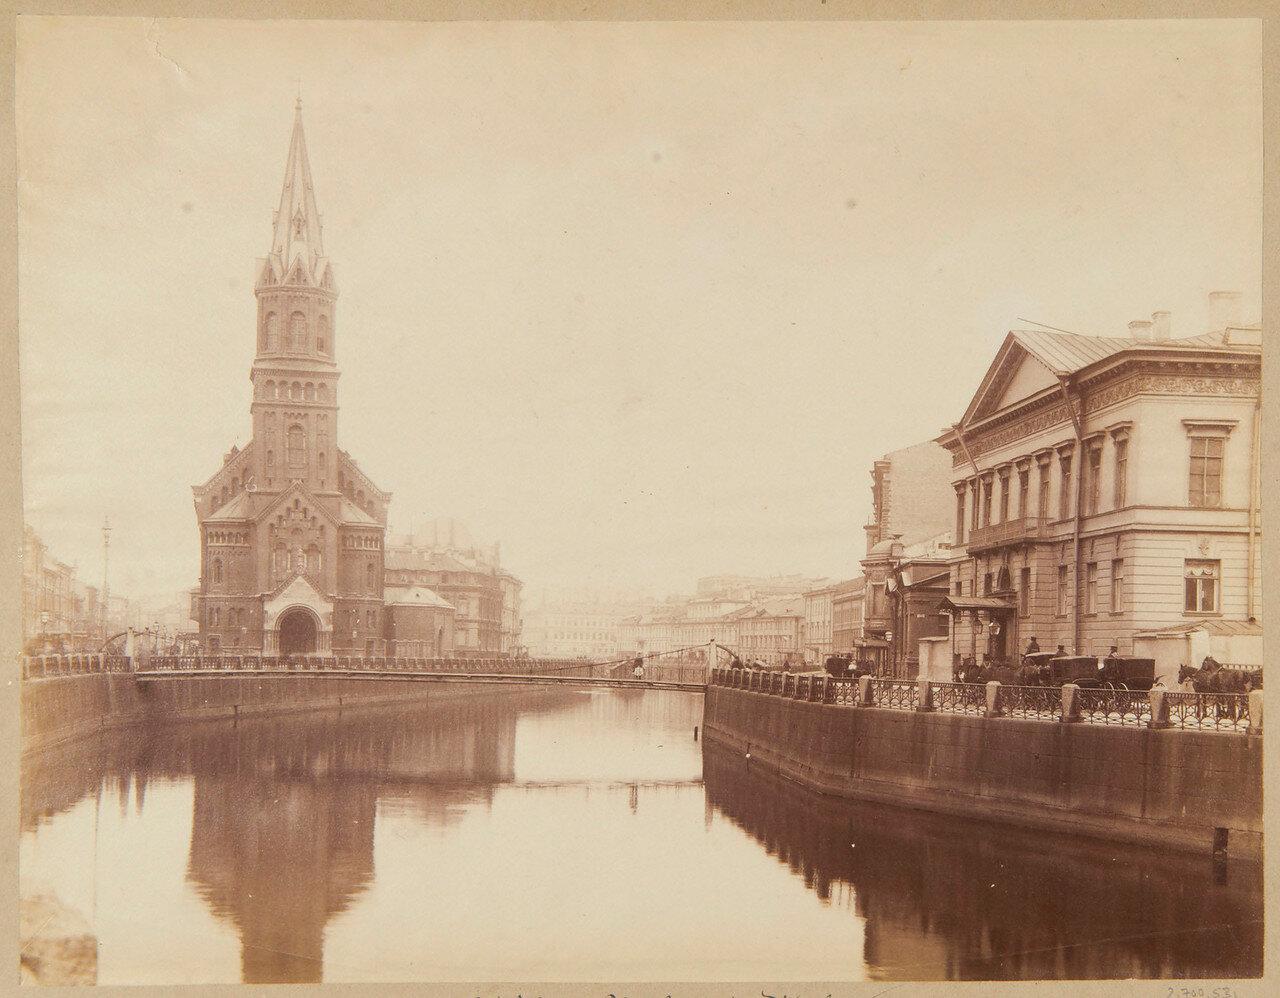 Немецкая реформатская церковь Святого Петра и река Мойка